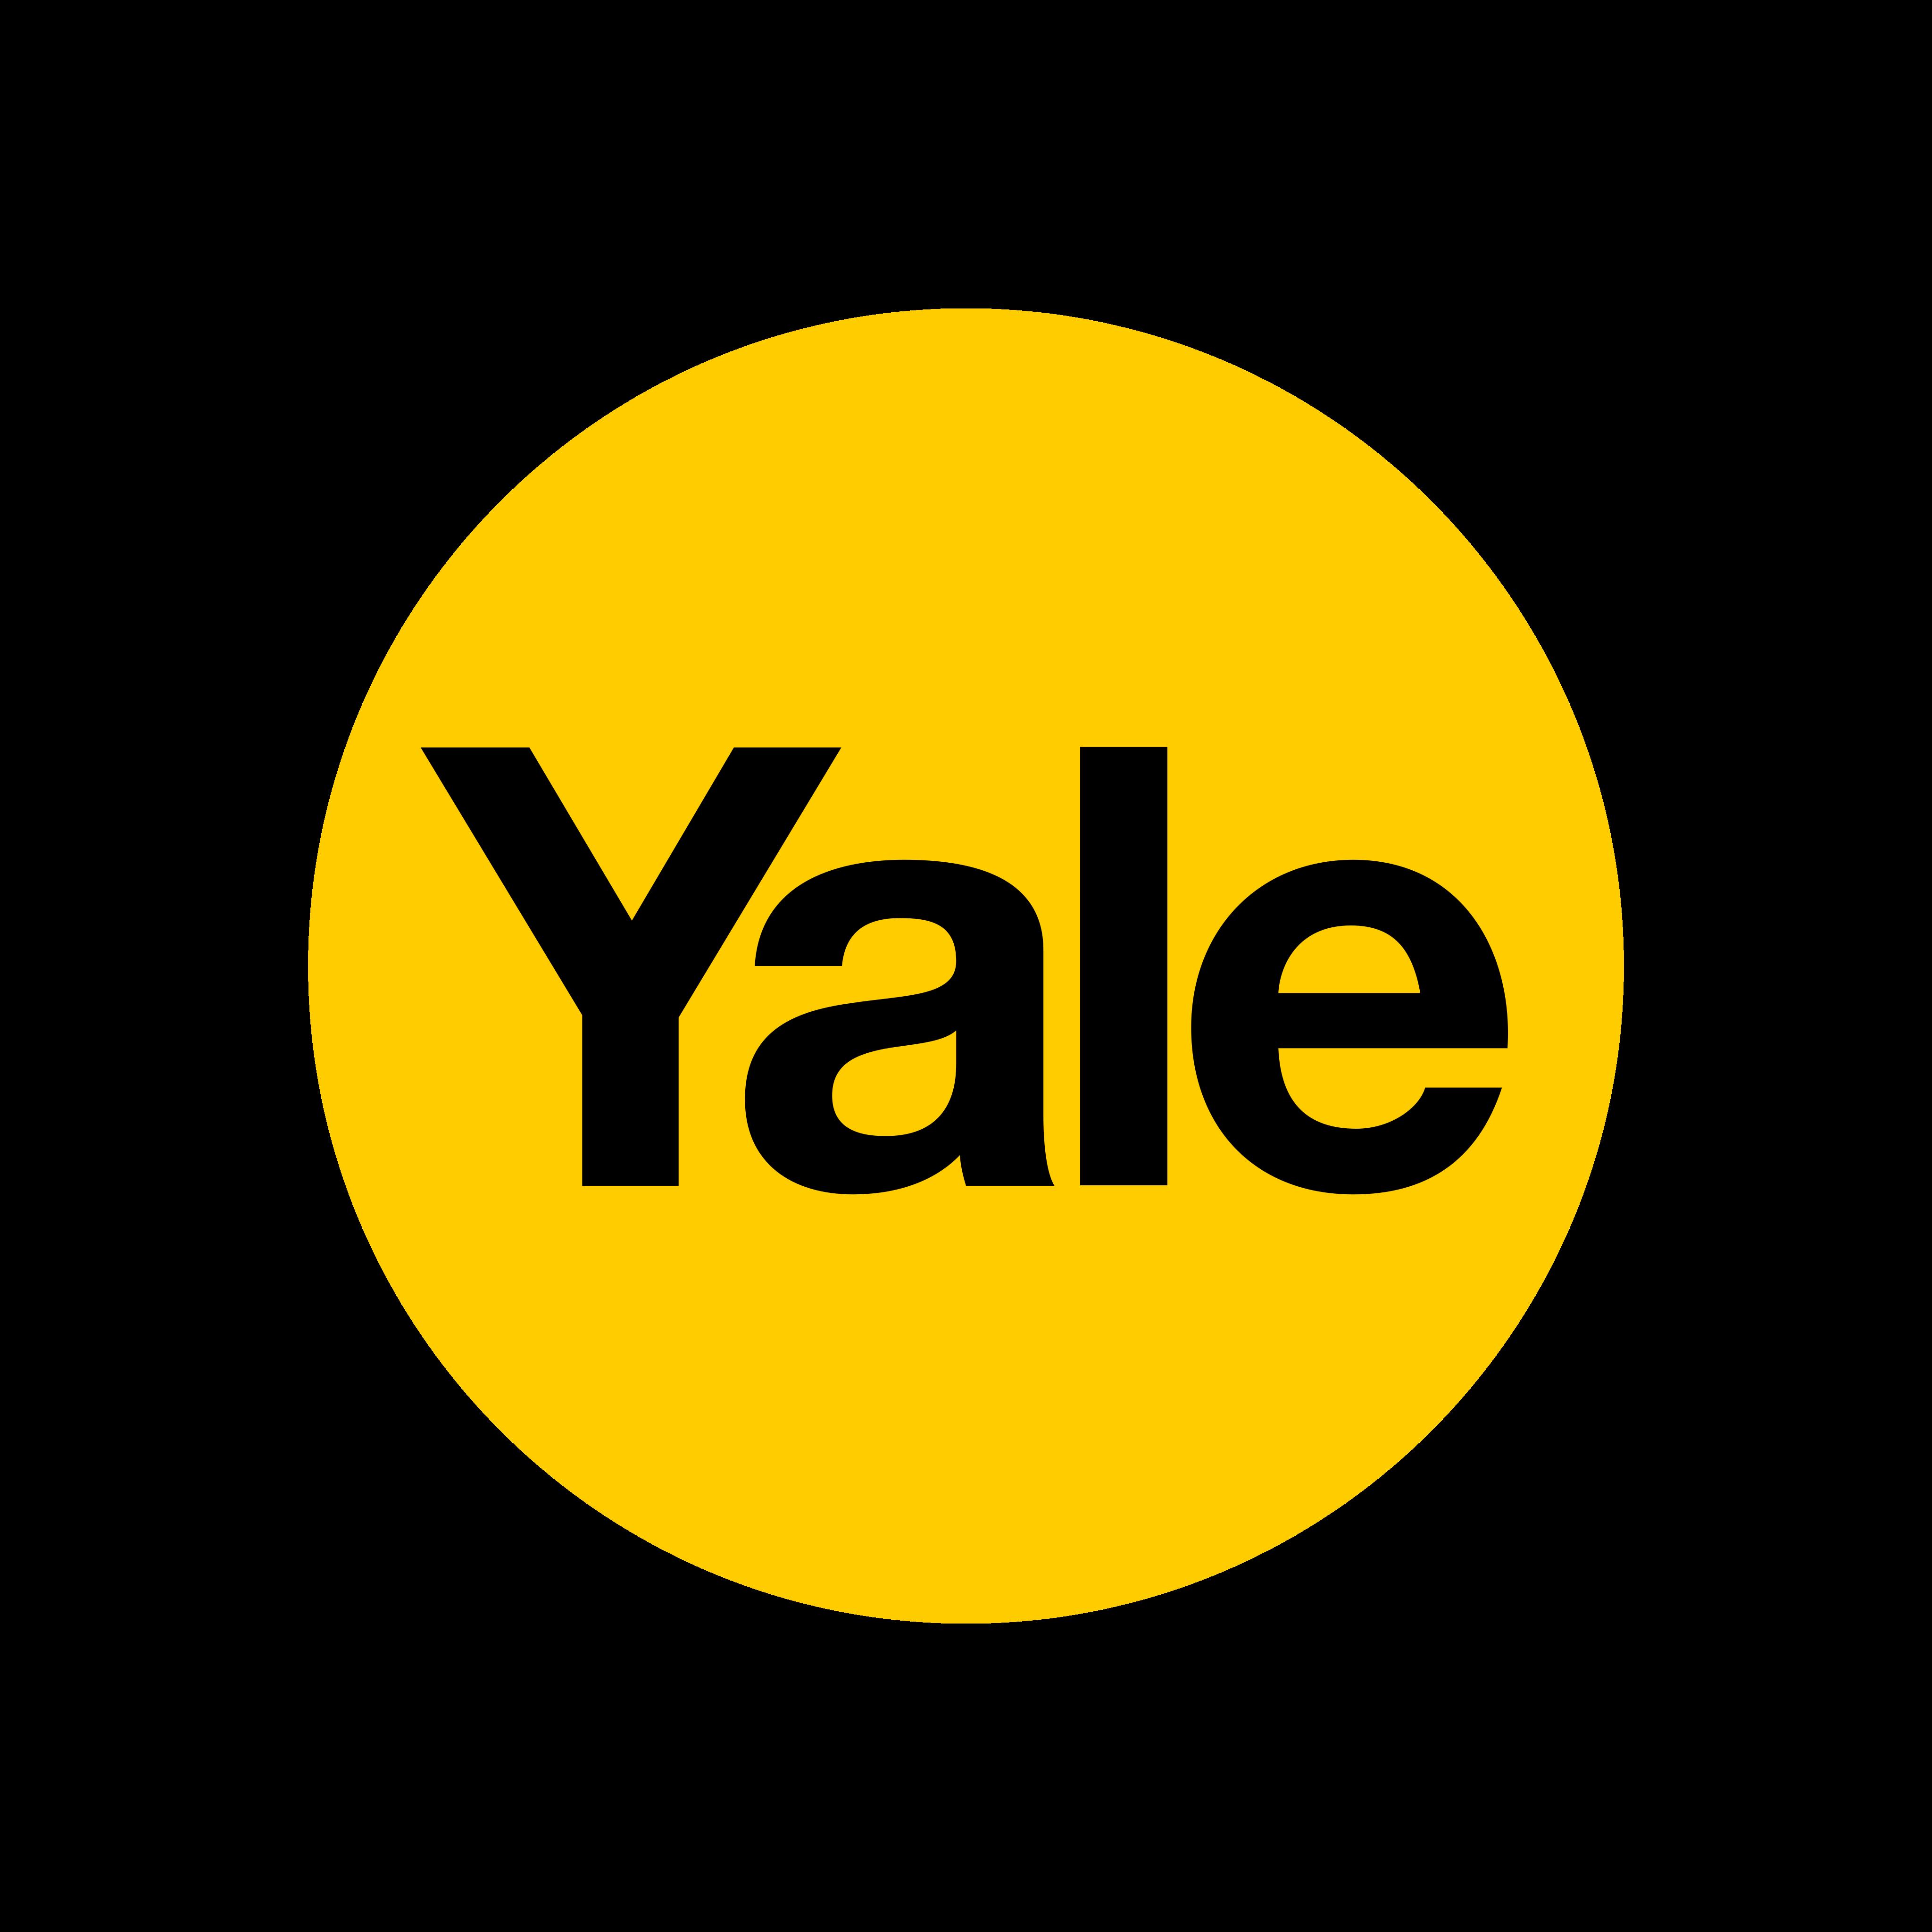 yale logo 0 - Yale Logo